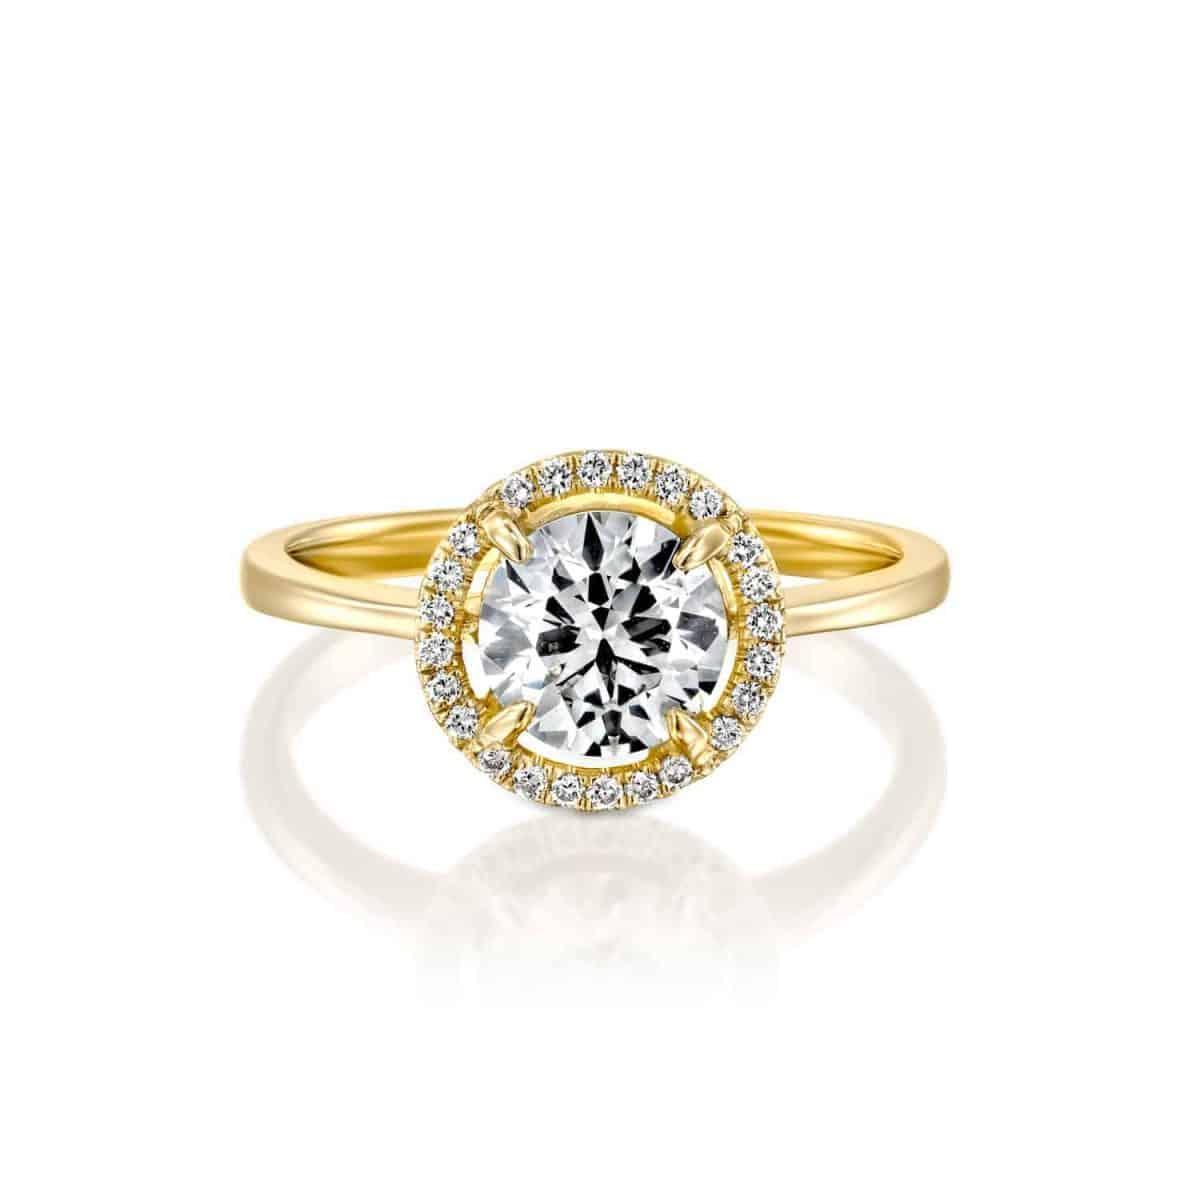 Lisa - Yellow Gold Lab Grown Diamond Engagement Ring 1.31ct. - laying